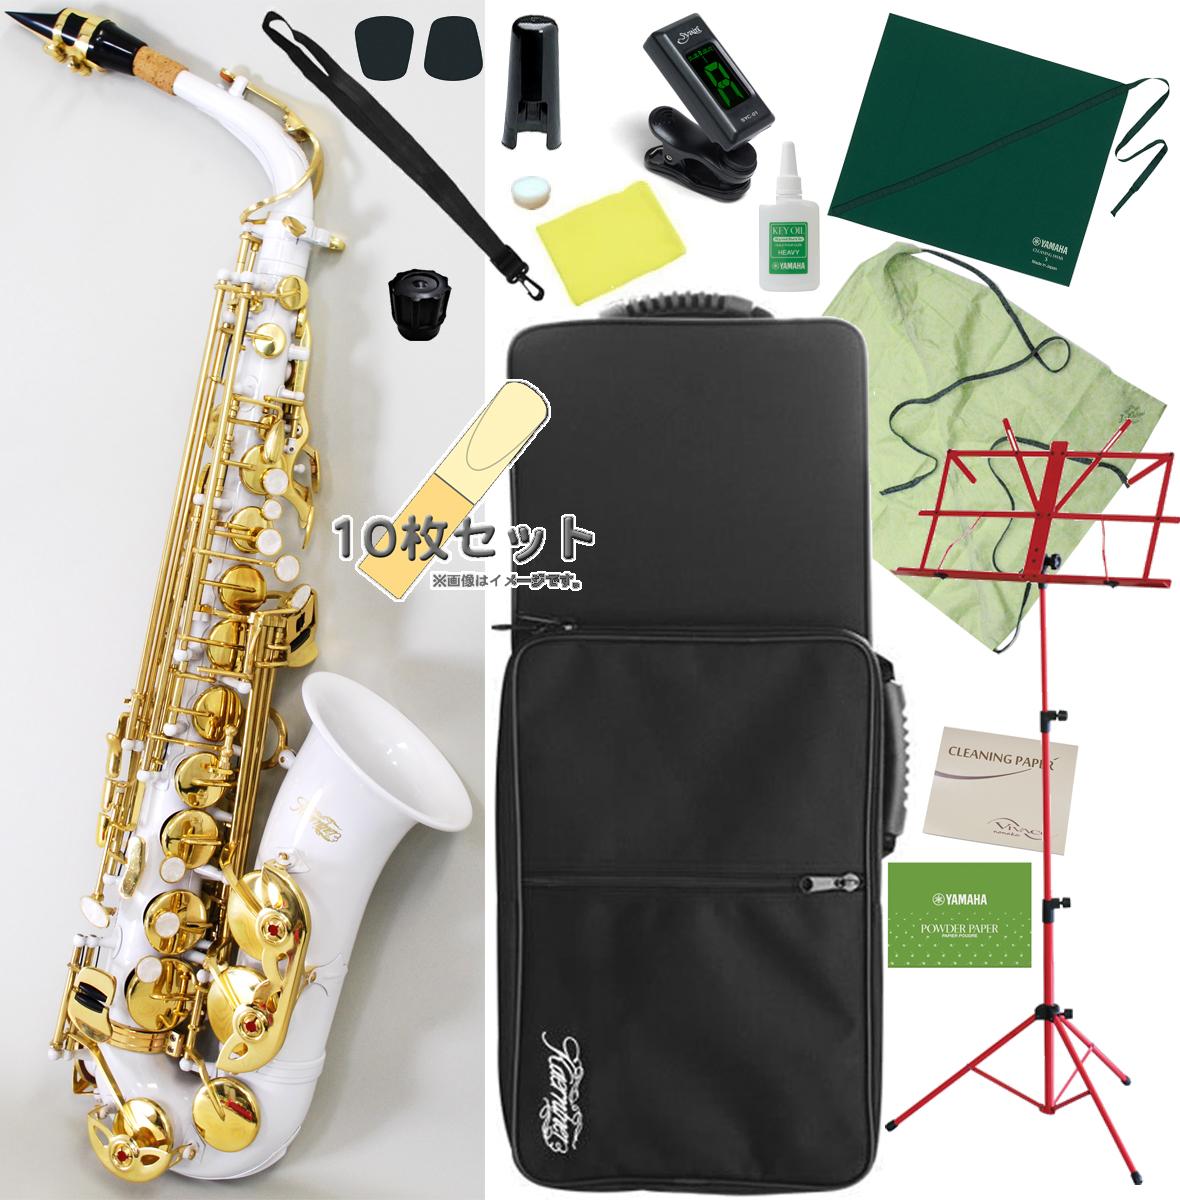 ホワイト アルトサクソフォン オリジナル カラー サックス 楽器 本体 ケース 初心者 管楽器 スタンダード E♭ 【 アルトサックス 白色 セットB 】 送料無料